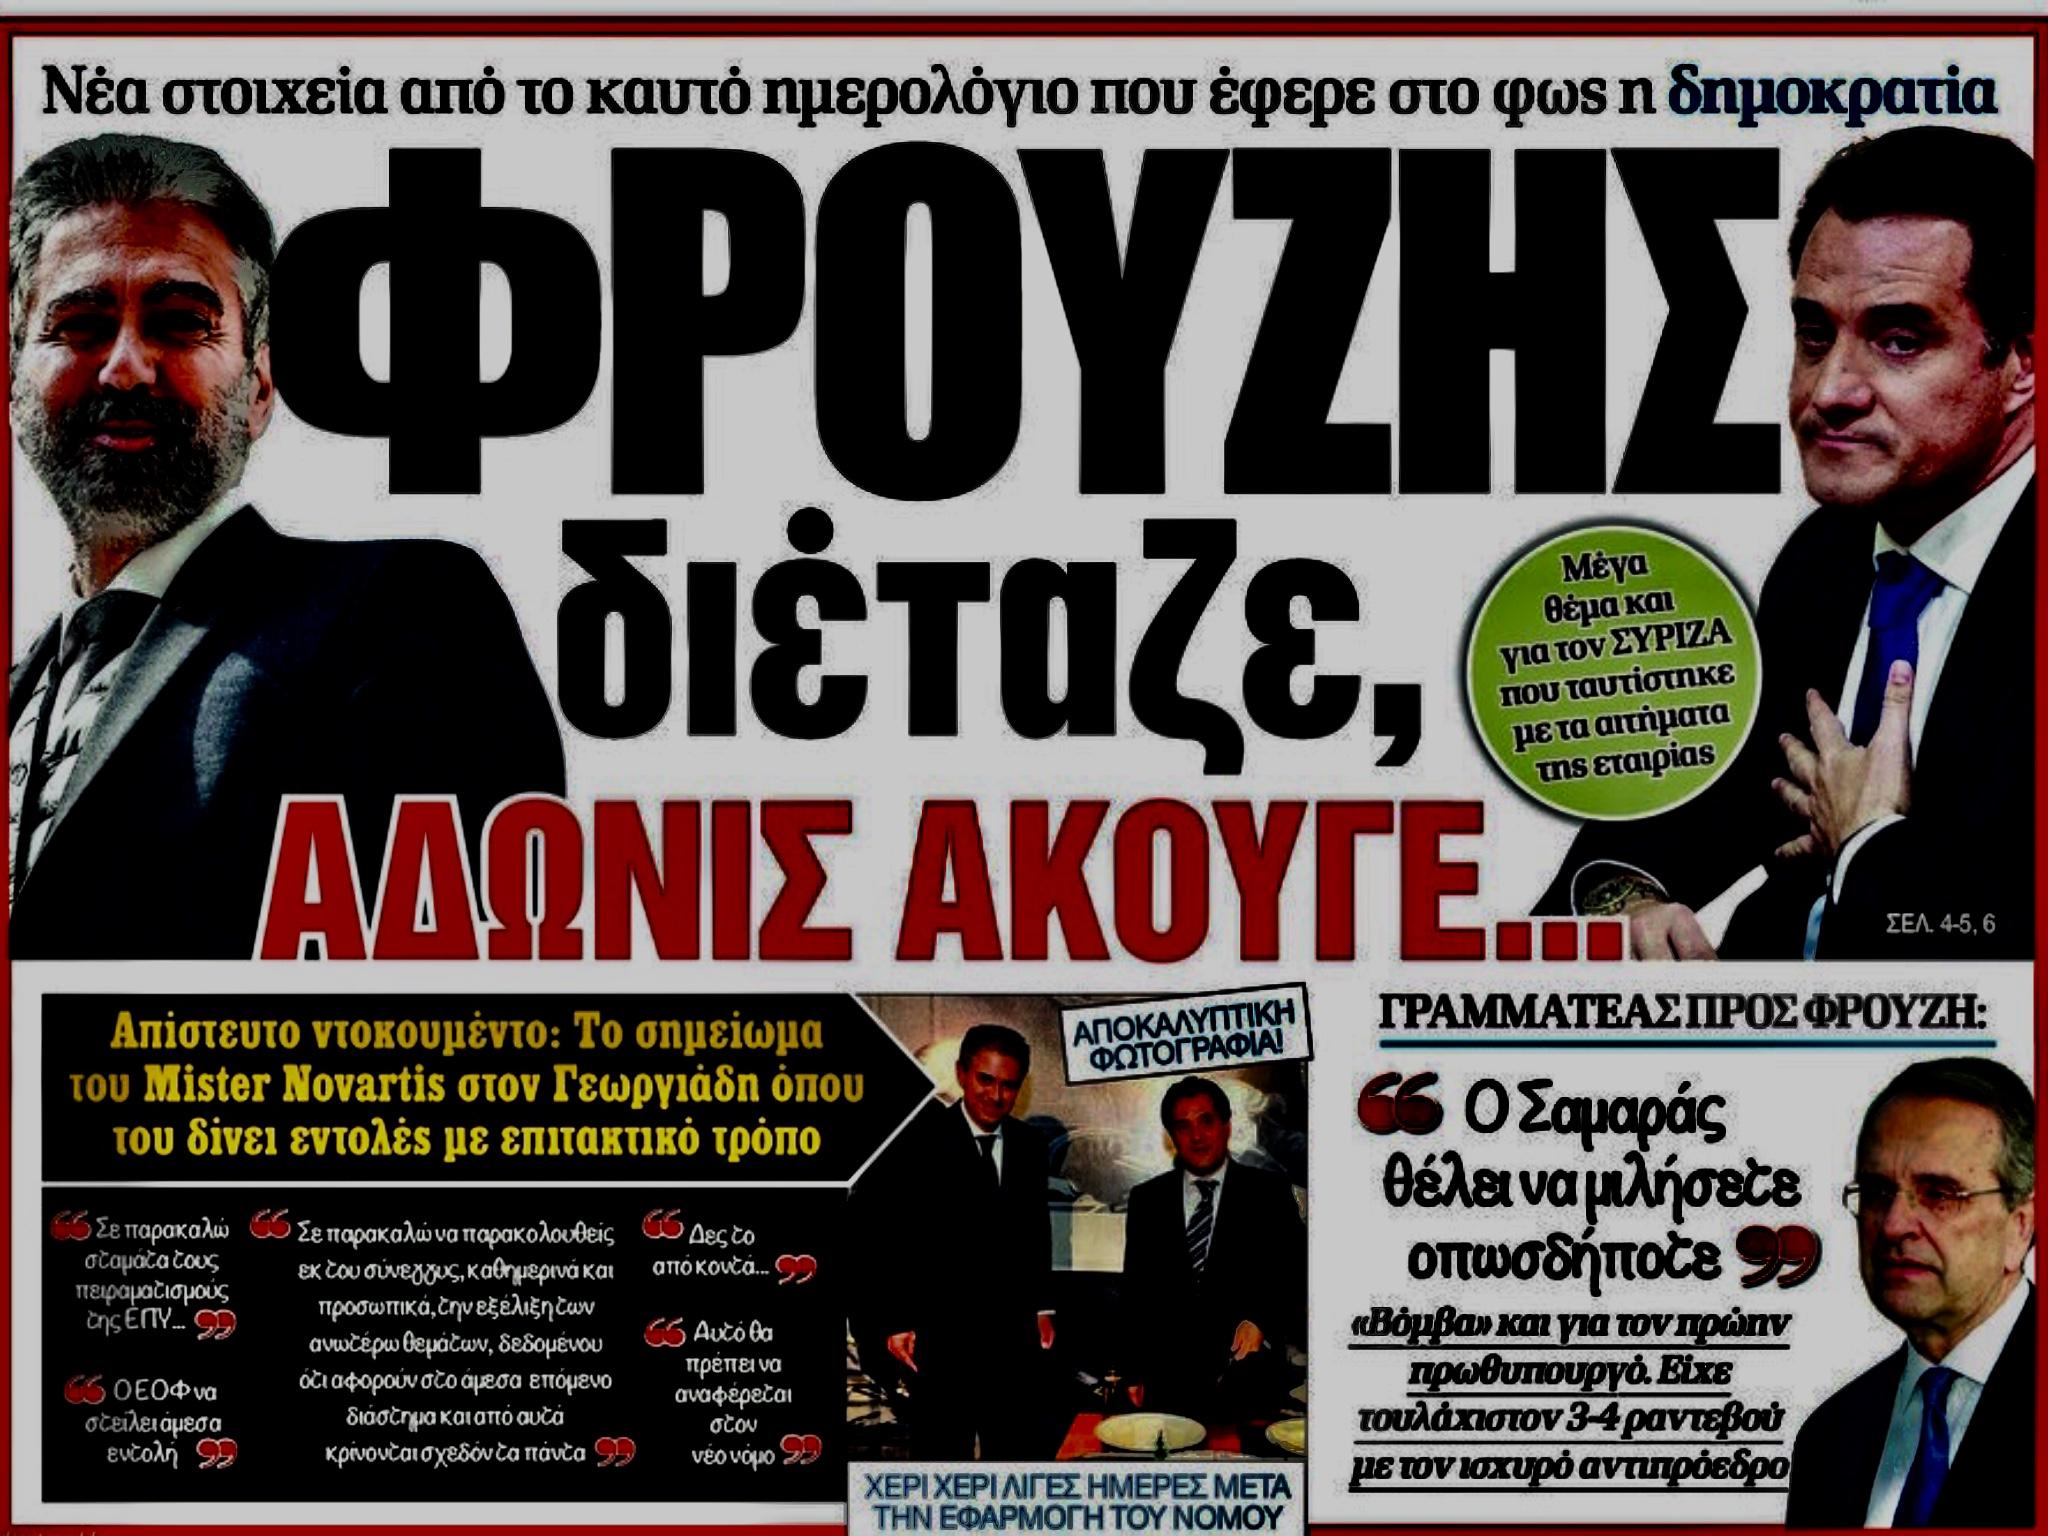 Νοvartis στα στελέχη της: Μακριά από τον Άδωνι, είναι εμπλεκόμενος! Φεβρουάριος 2017.